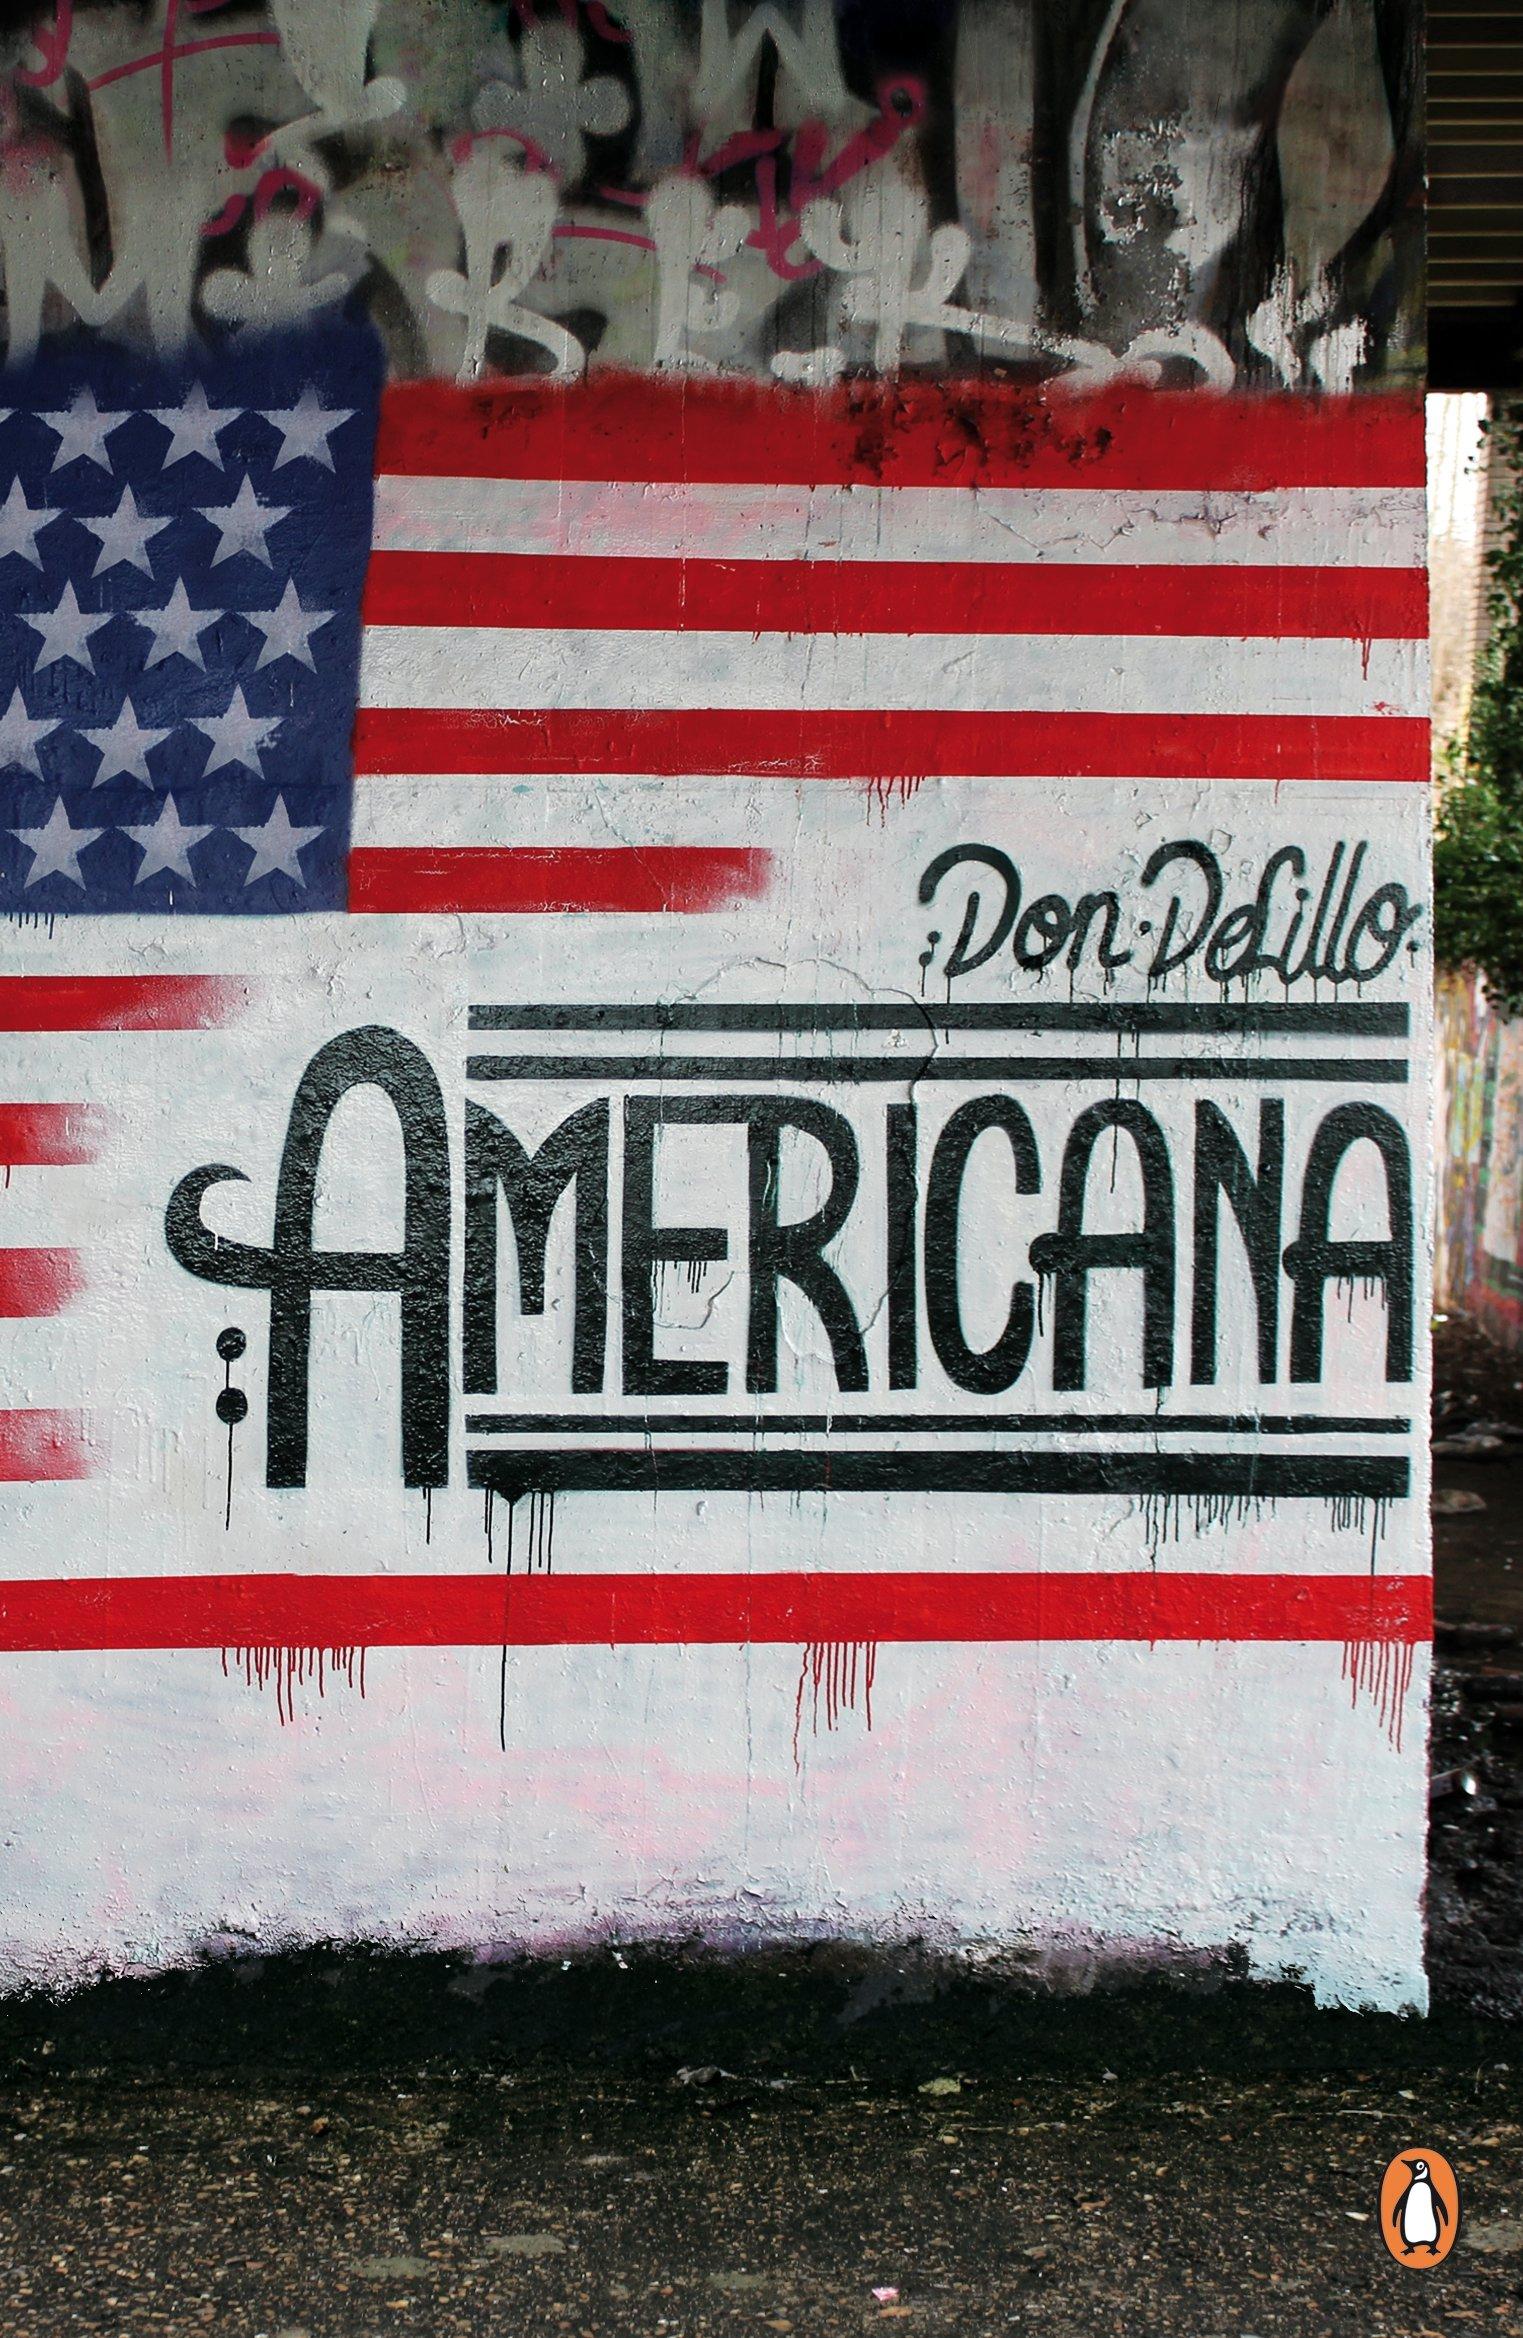 Penguin-Street-Art-Americana.jpg